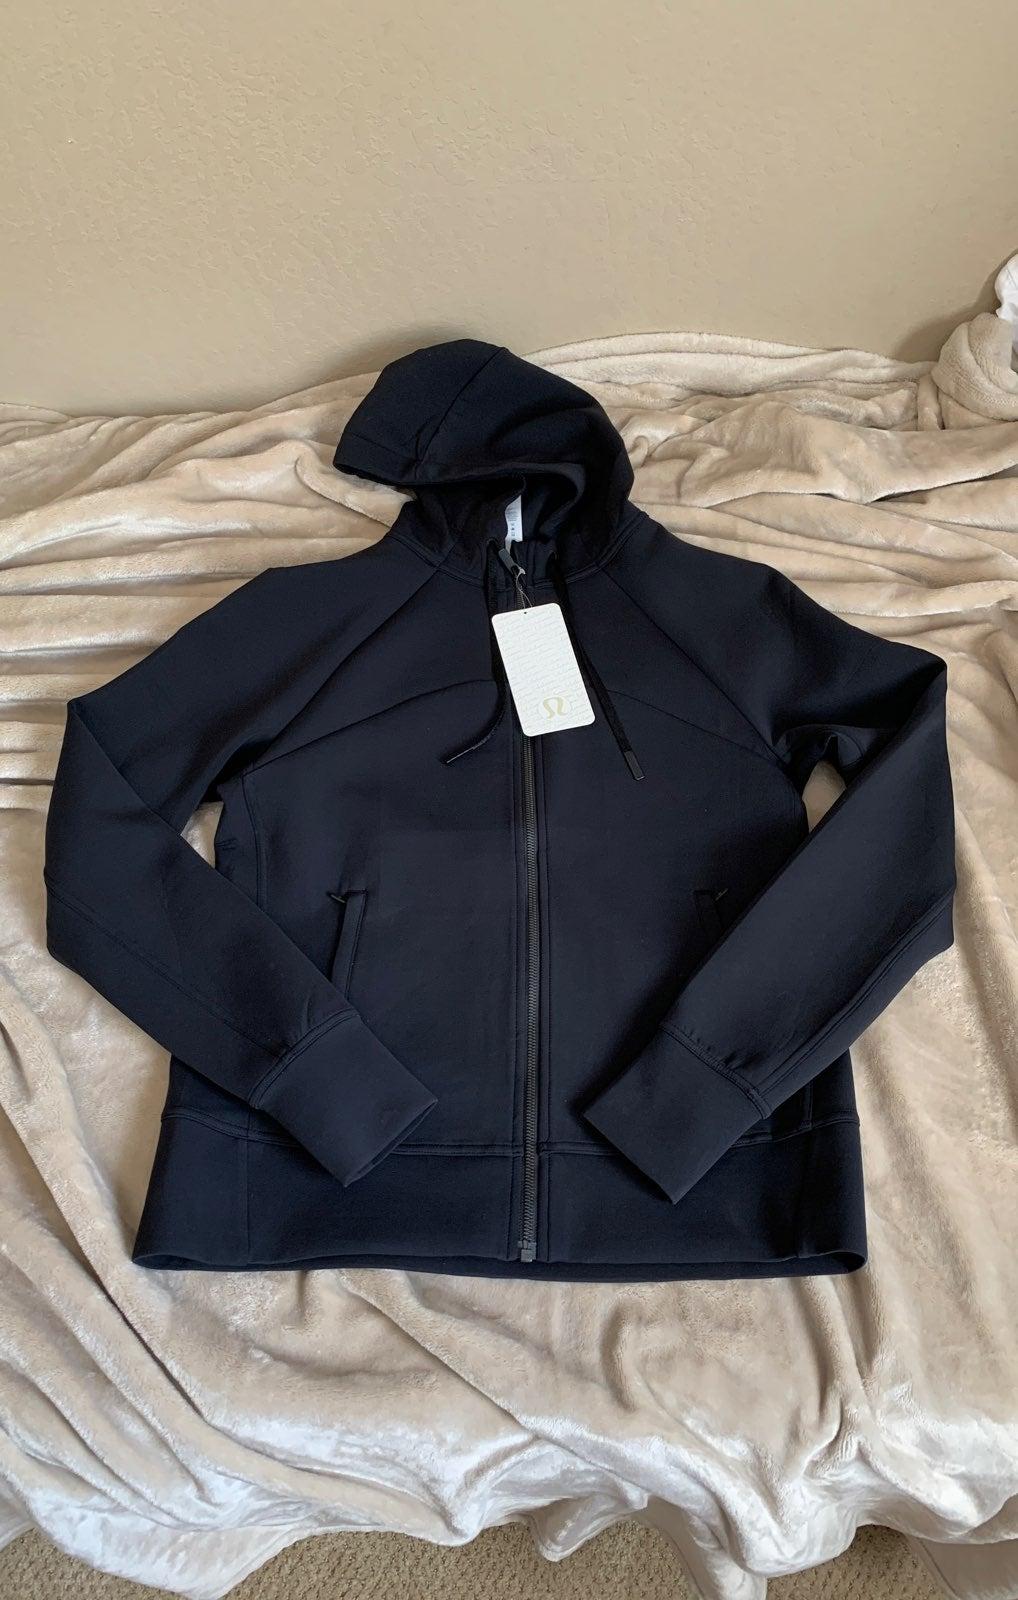 Lulemon Jacket